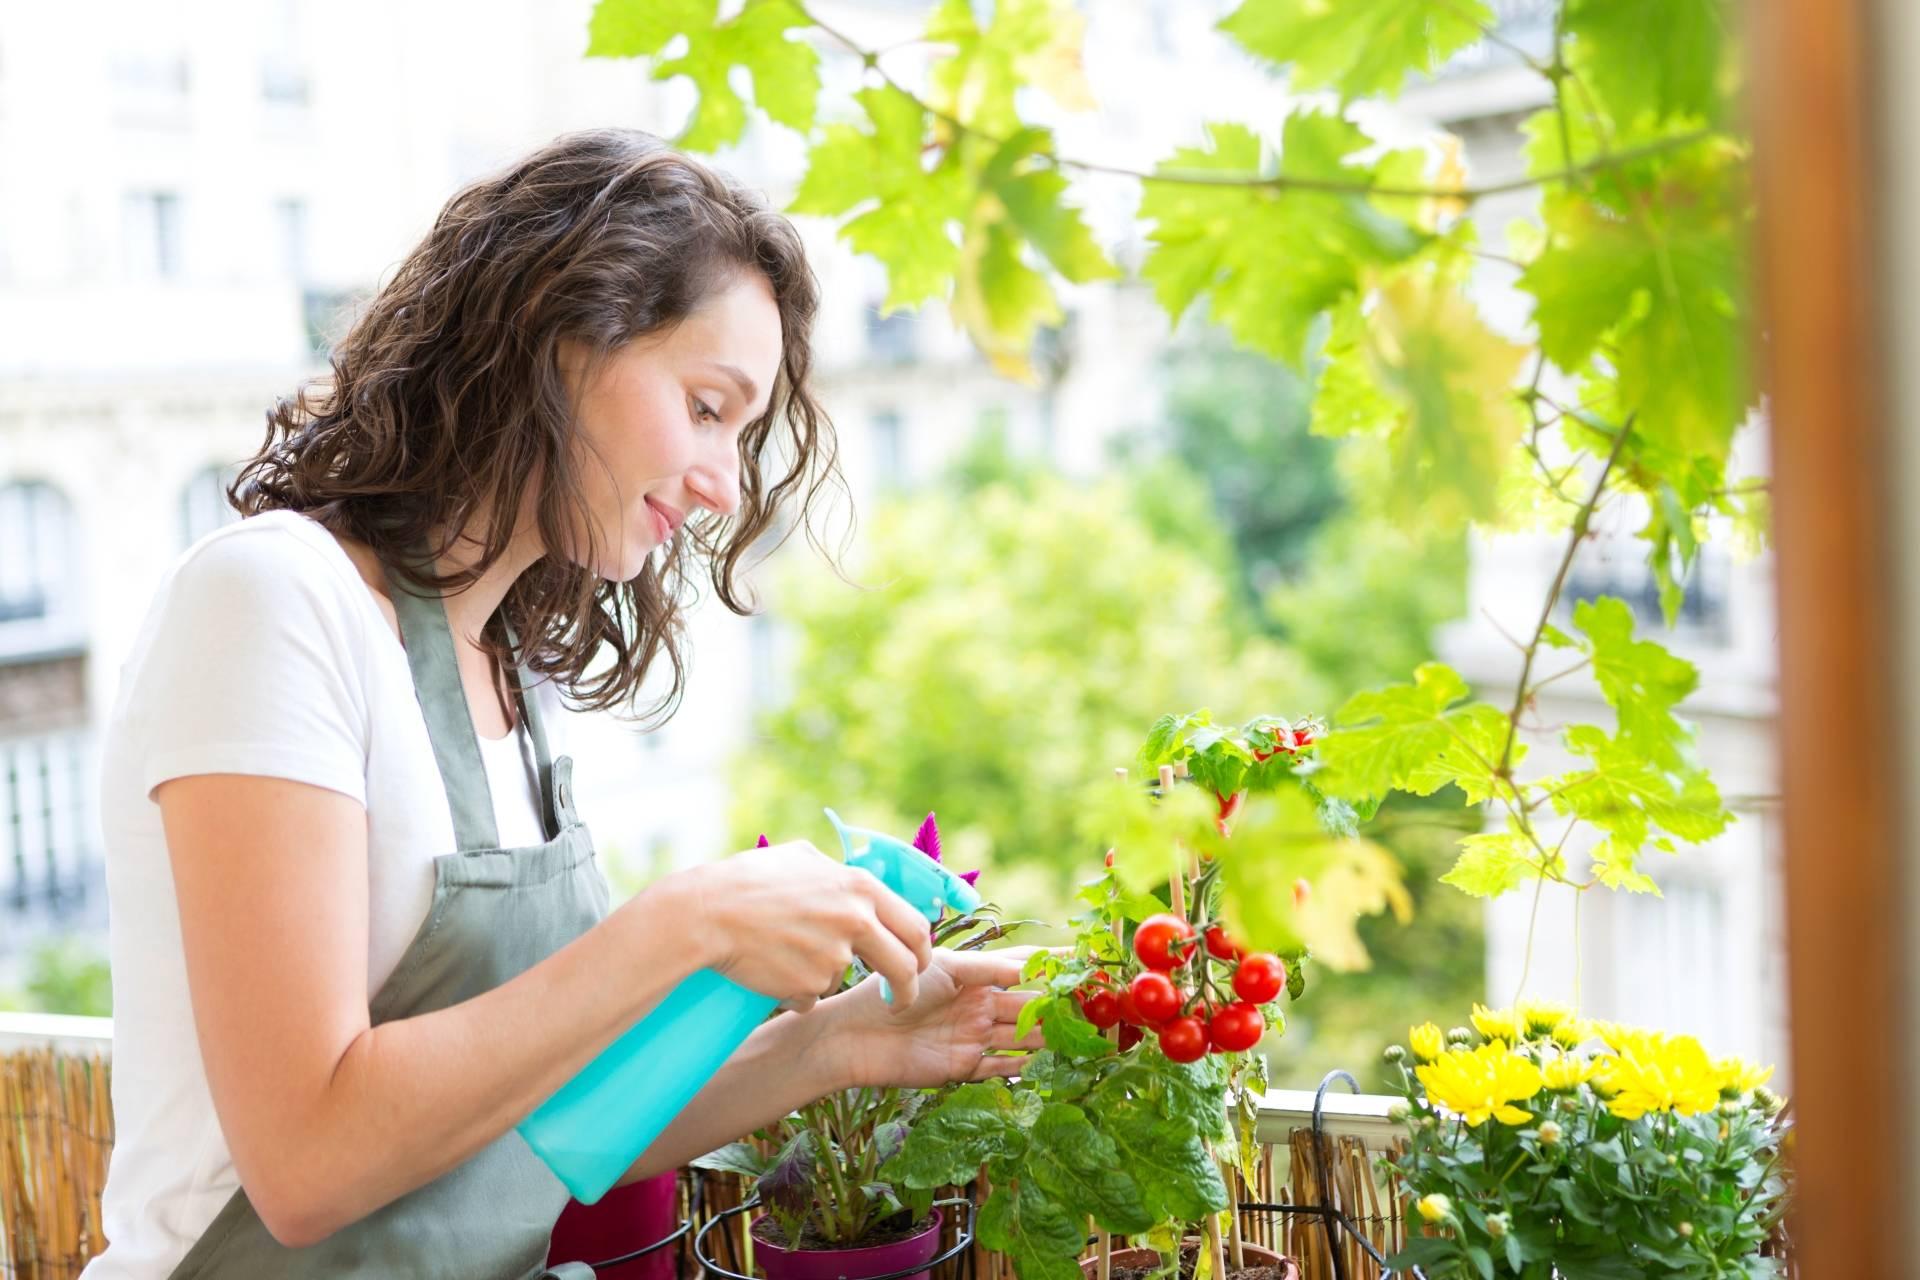 Trujące rośliny doniczkowe. Kobieta pielęgnuje kwiaty balkonowe, zrasza je wodą ze spryskiwacza.